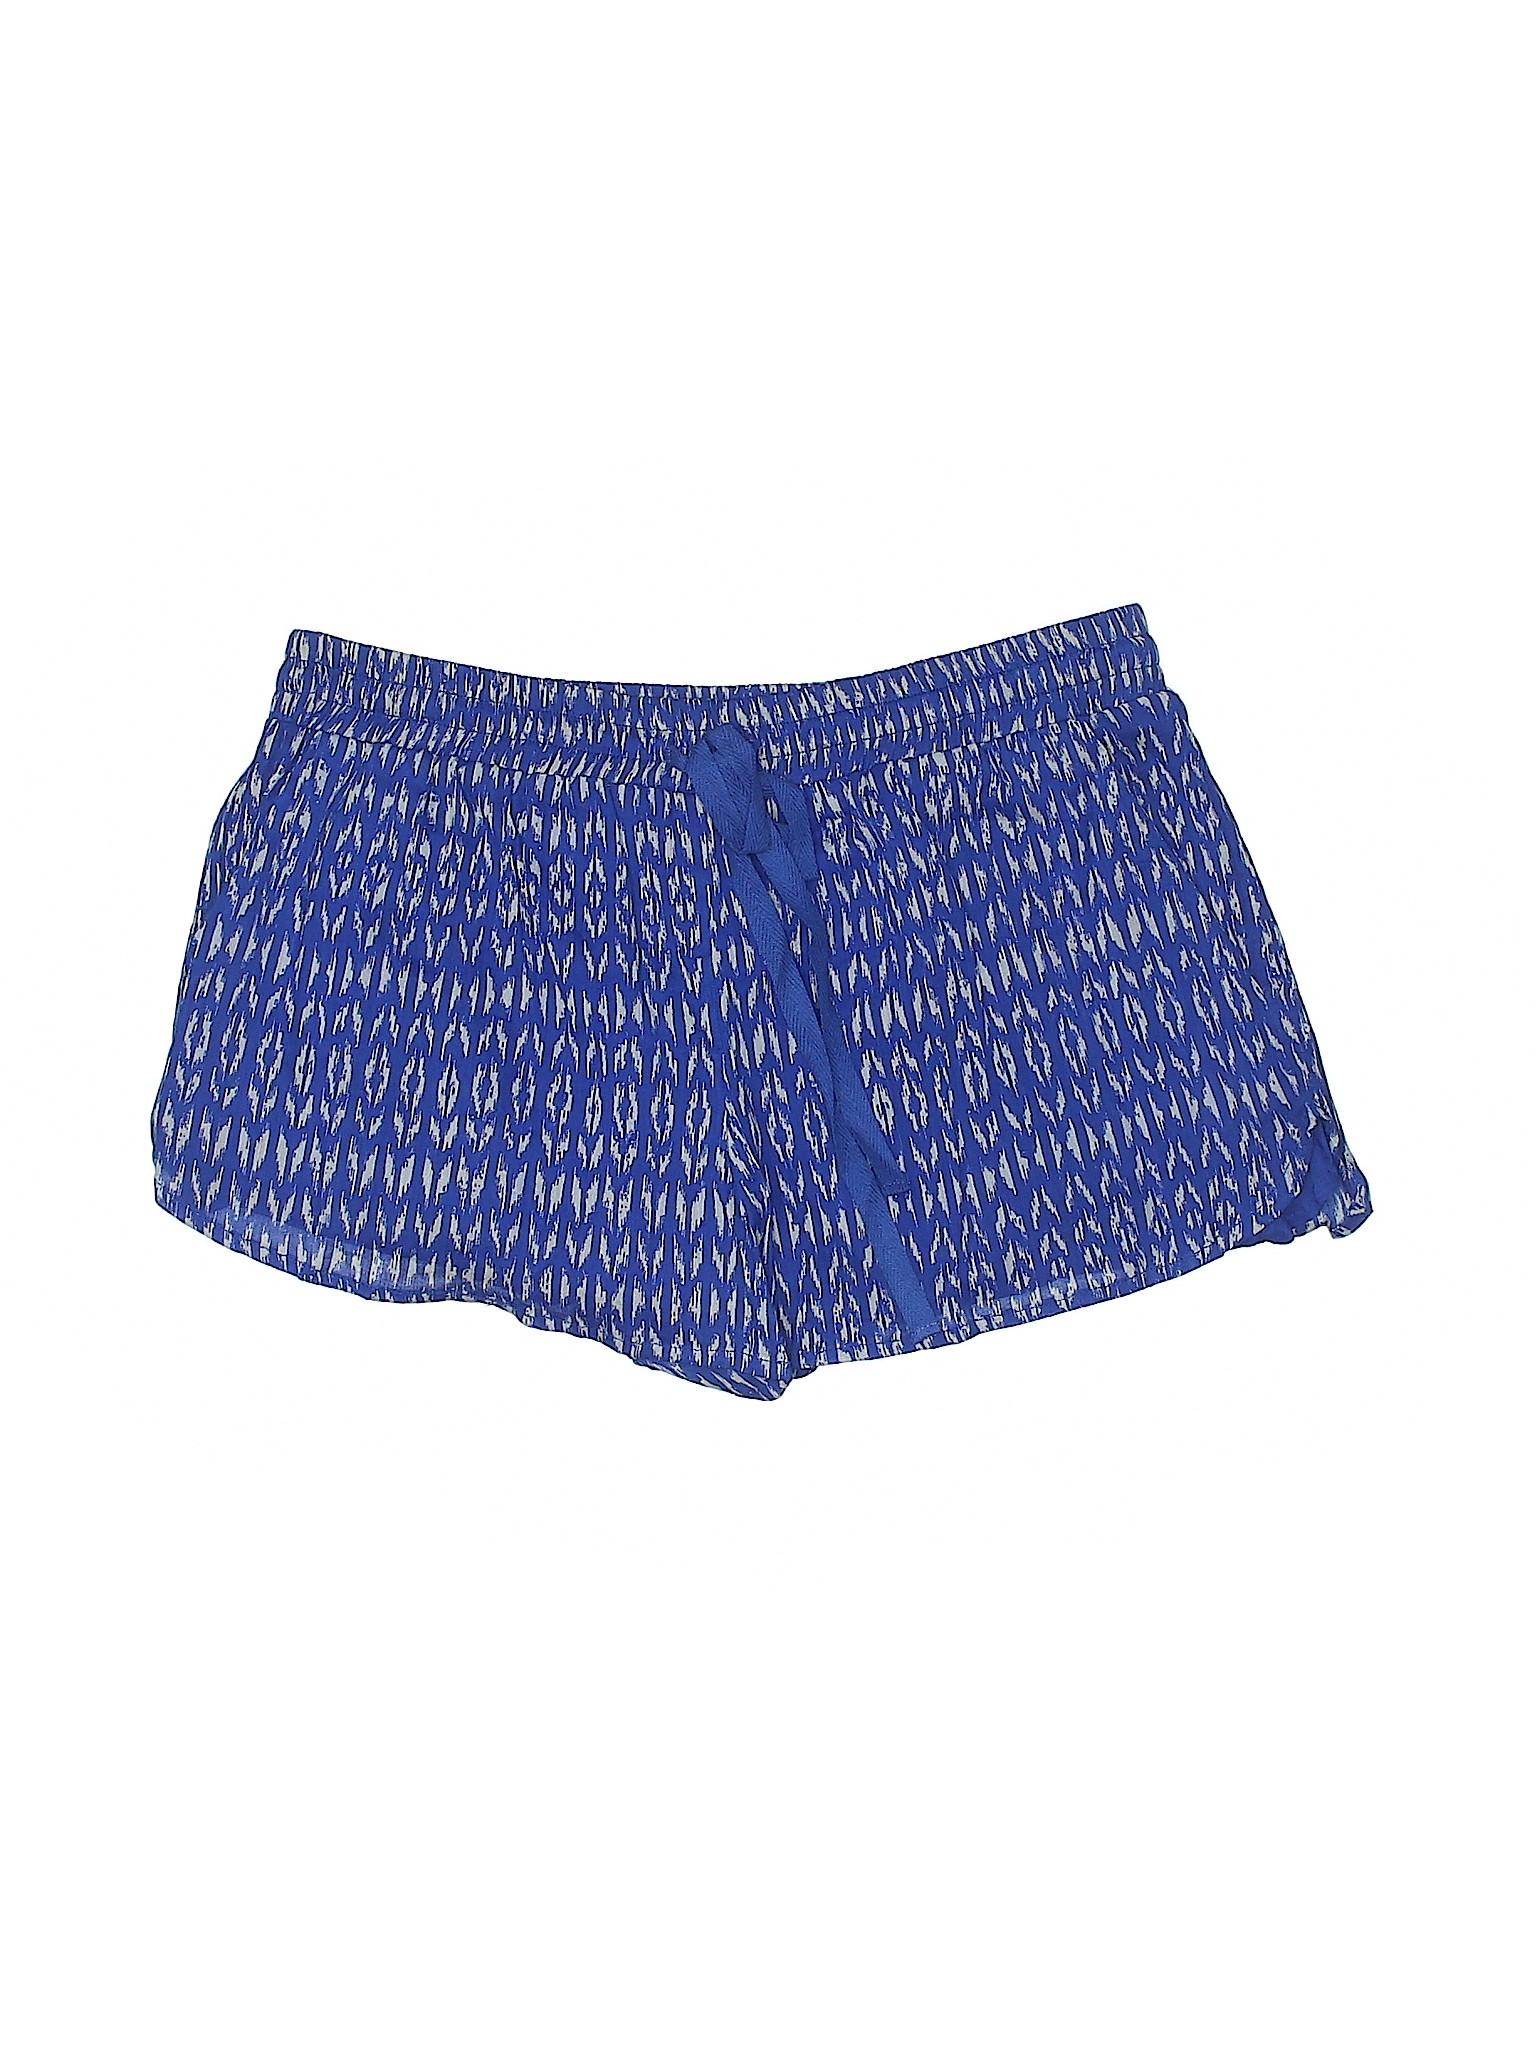 Joie Joie Leisure Soft Soft Soft Leisure Leisure Shorts winter Joie Leisure Shorts Shorts winter winter winter x6w1tqtAWz